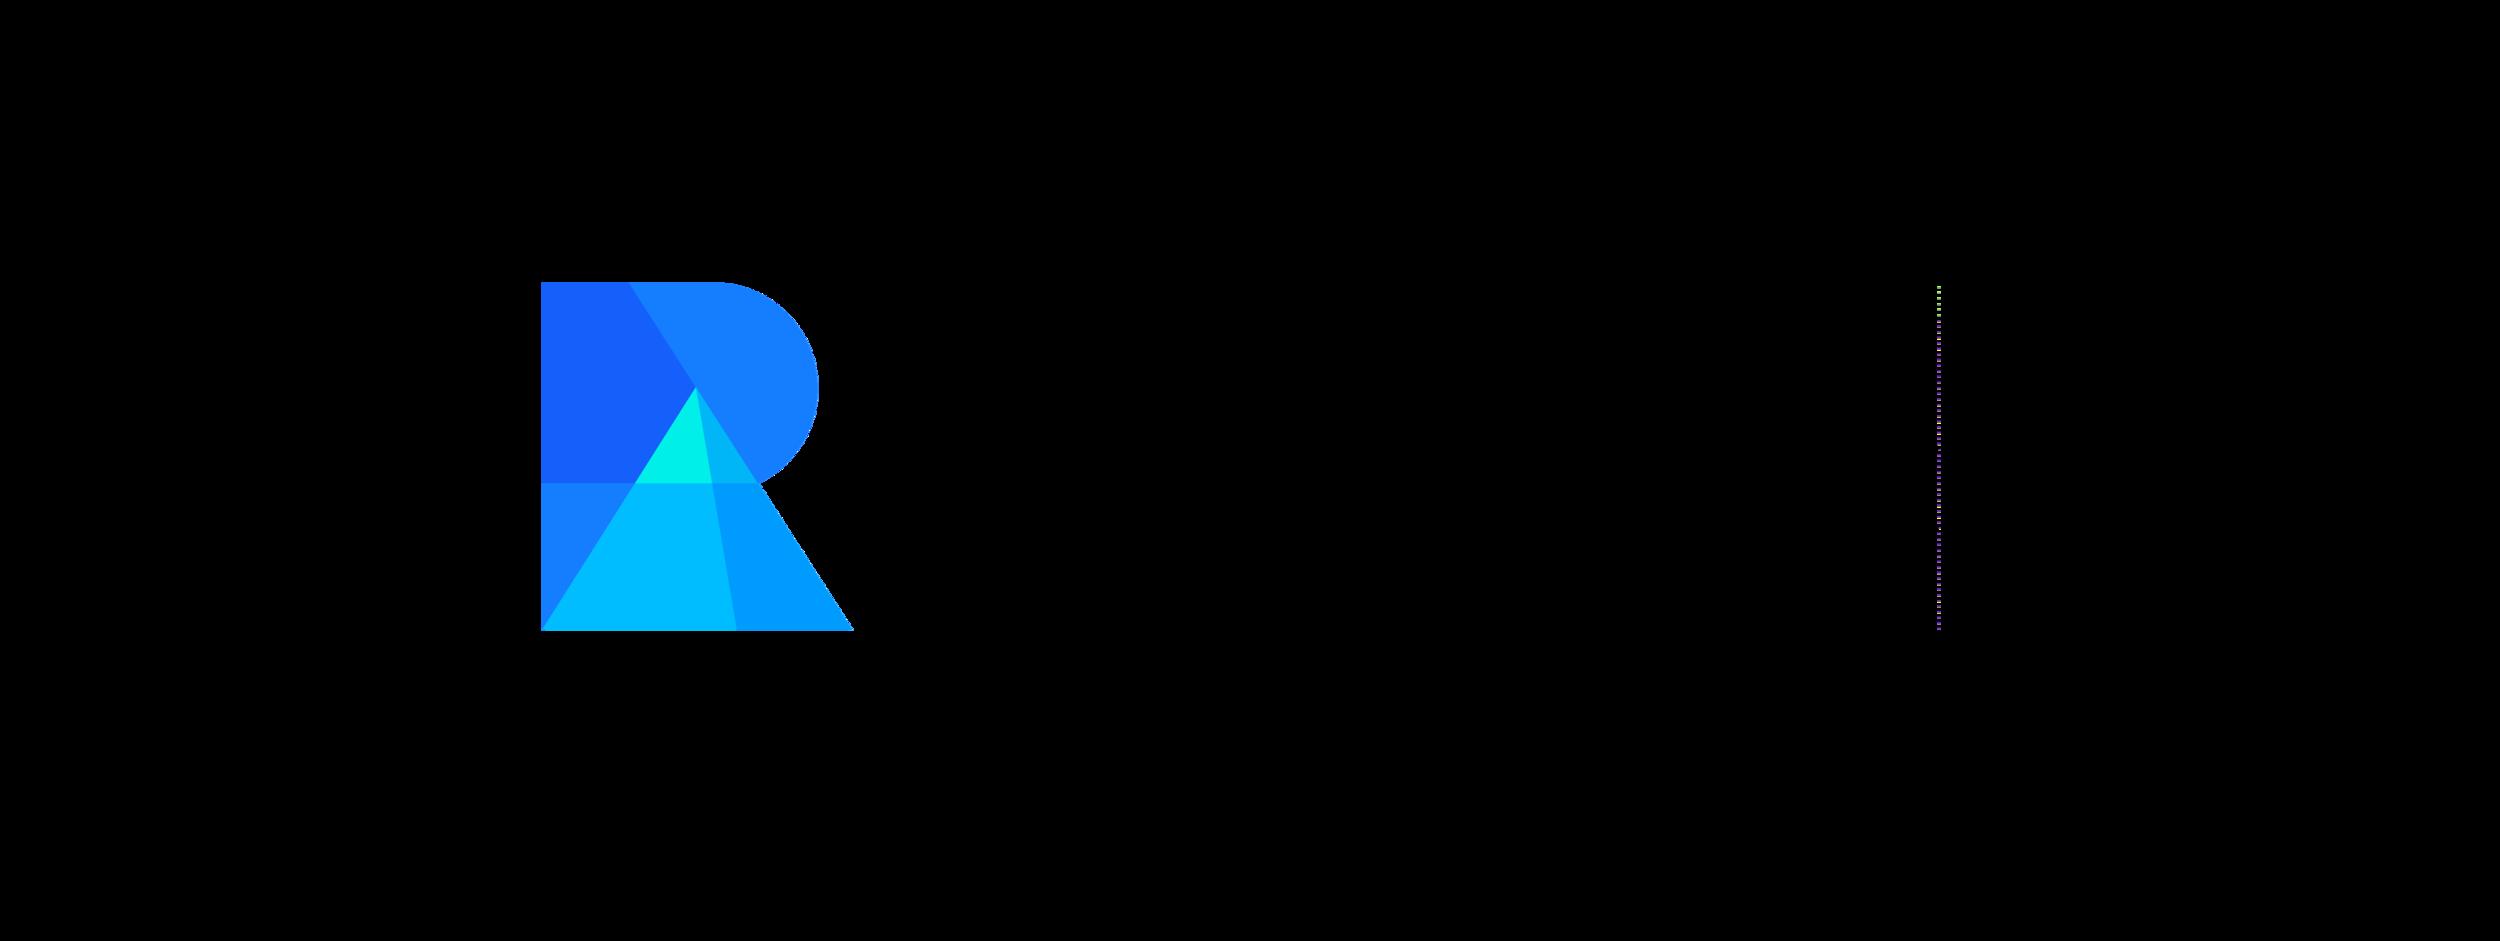 Republic-logo-transparent